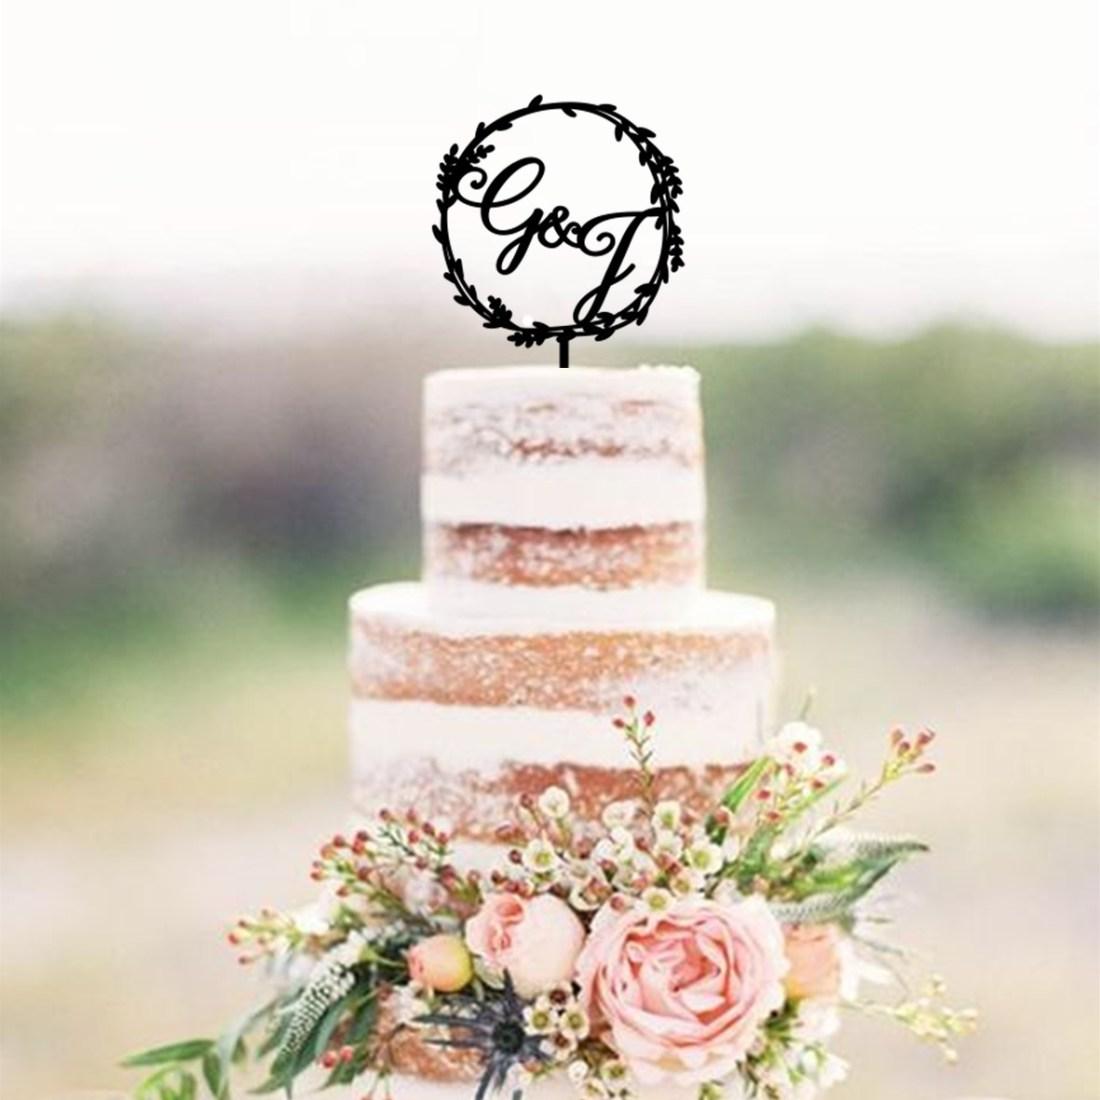 Wreath Initials Cake Topper